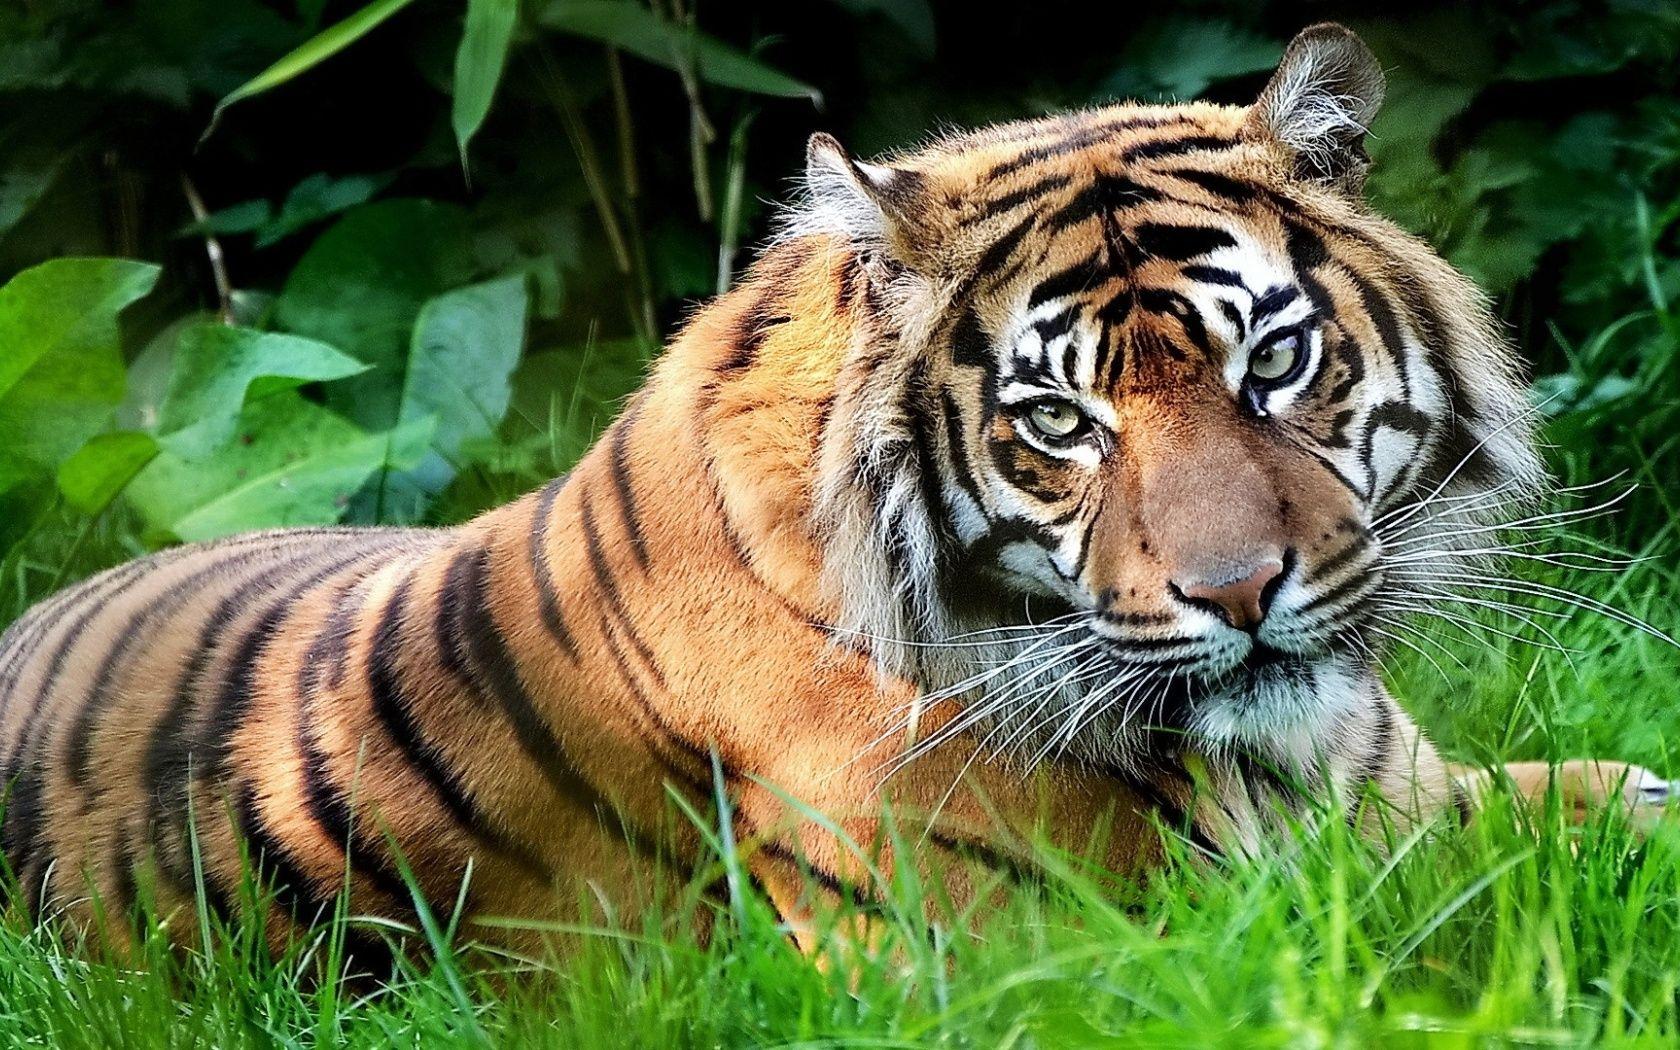 Dangerous Download Tiger Hd Wallpaper Tiger Wallpaper Tiger